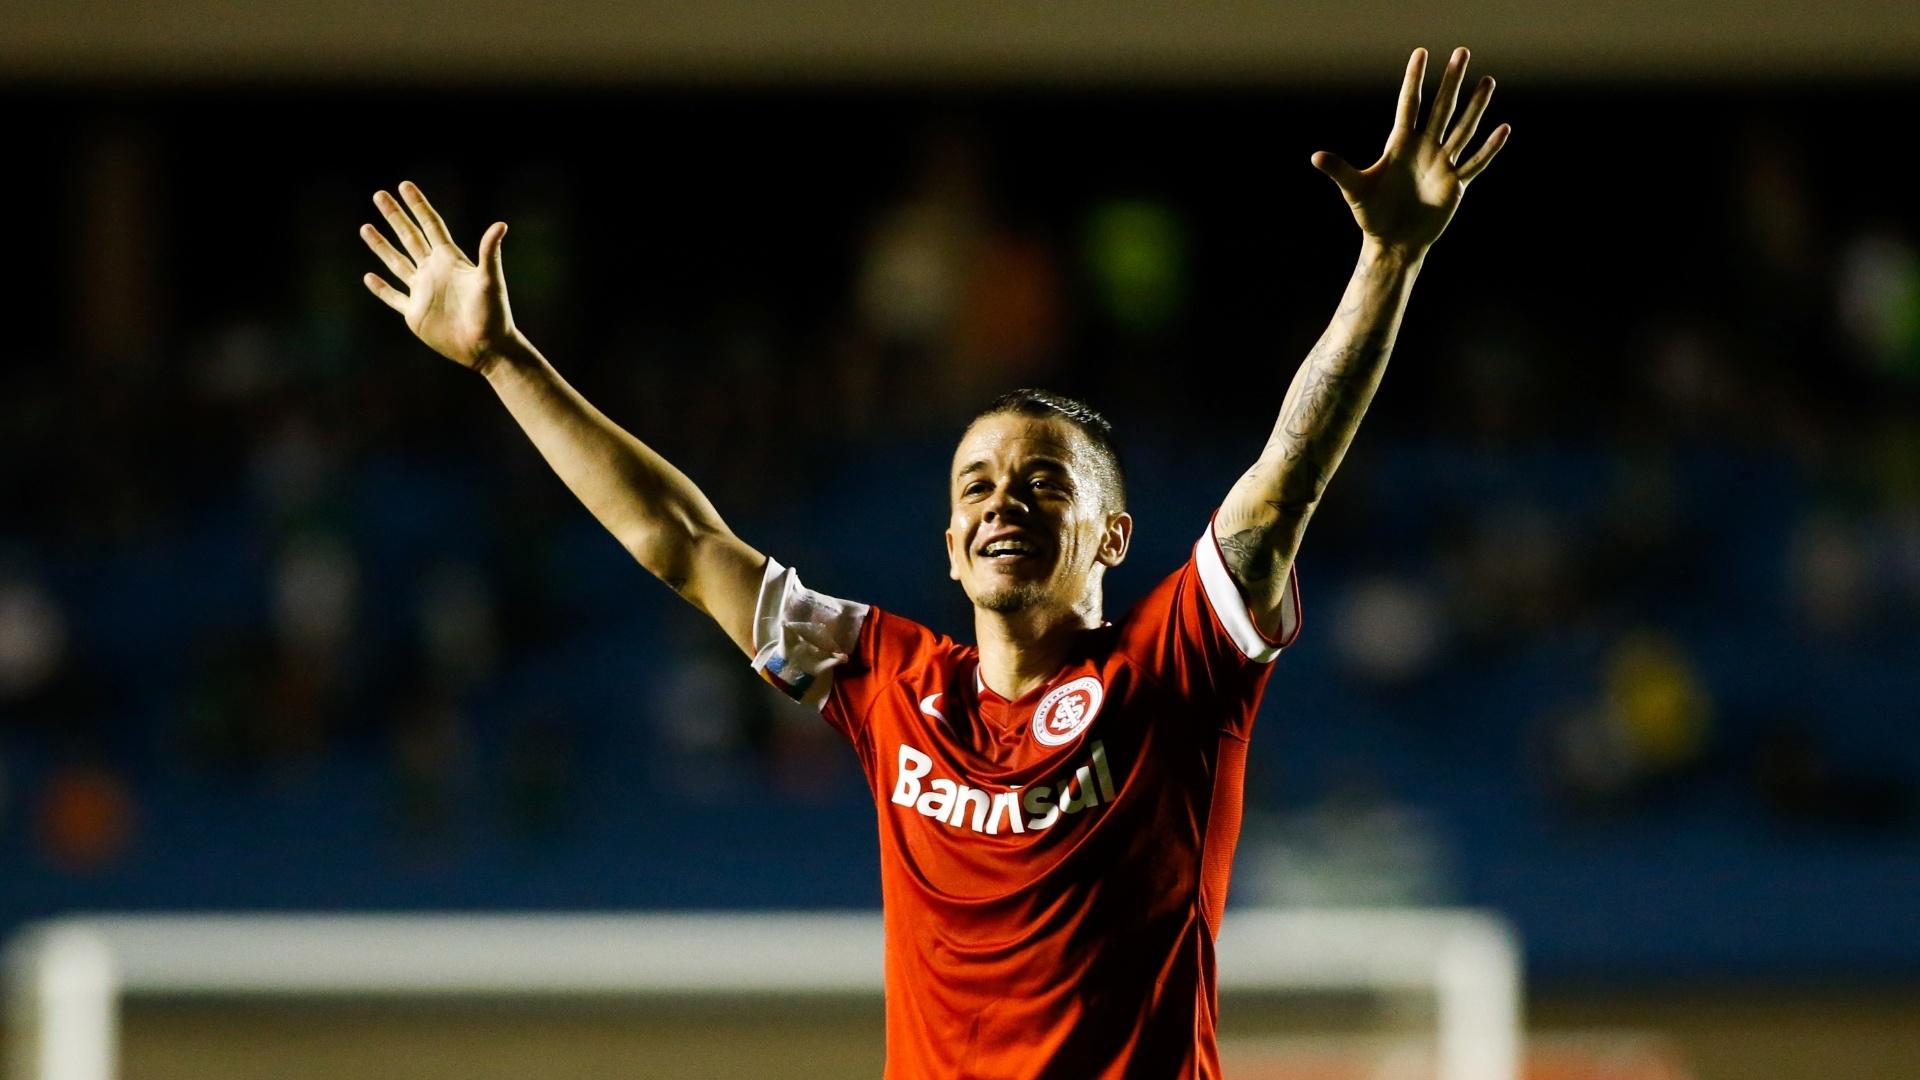 D'Alessandro comemora o gol do Internacional na vitória por 1 a 0 sobre o Goiás pelo Brasileirão